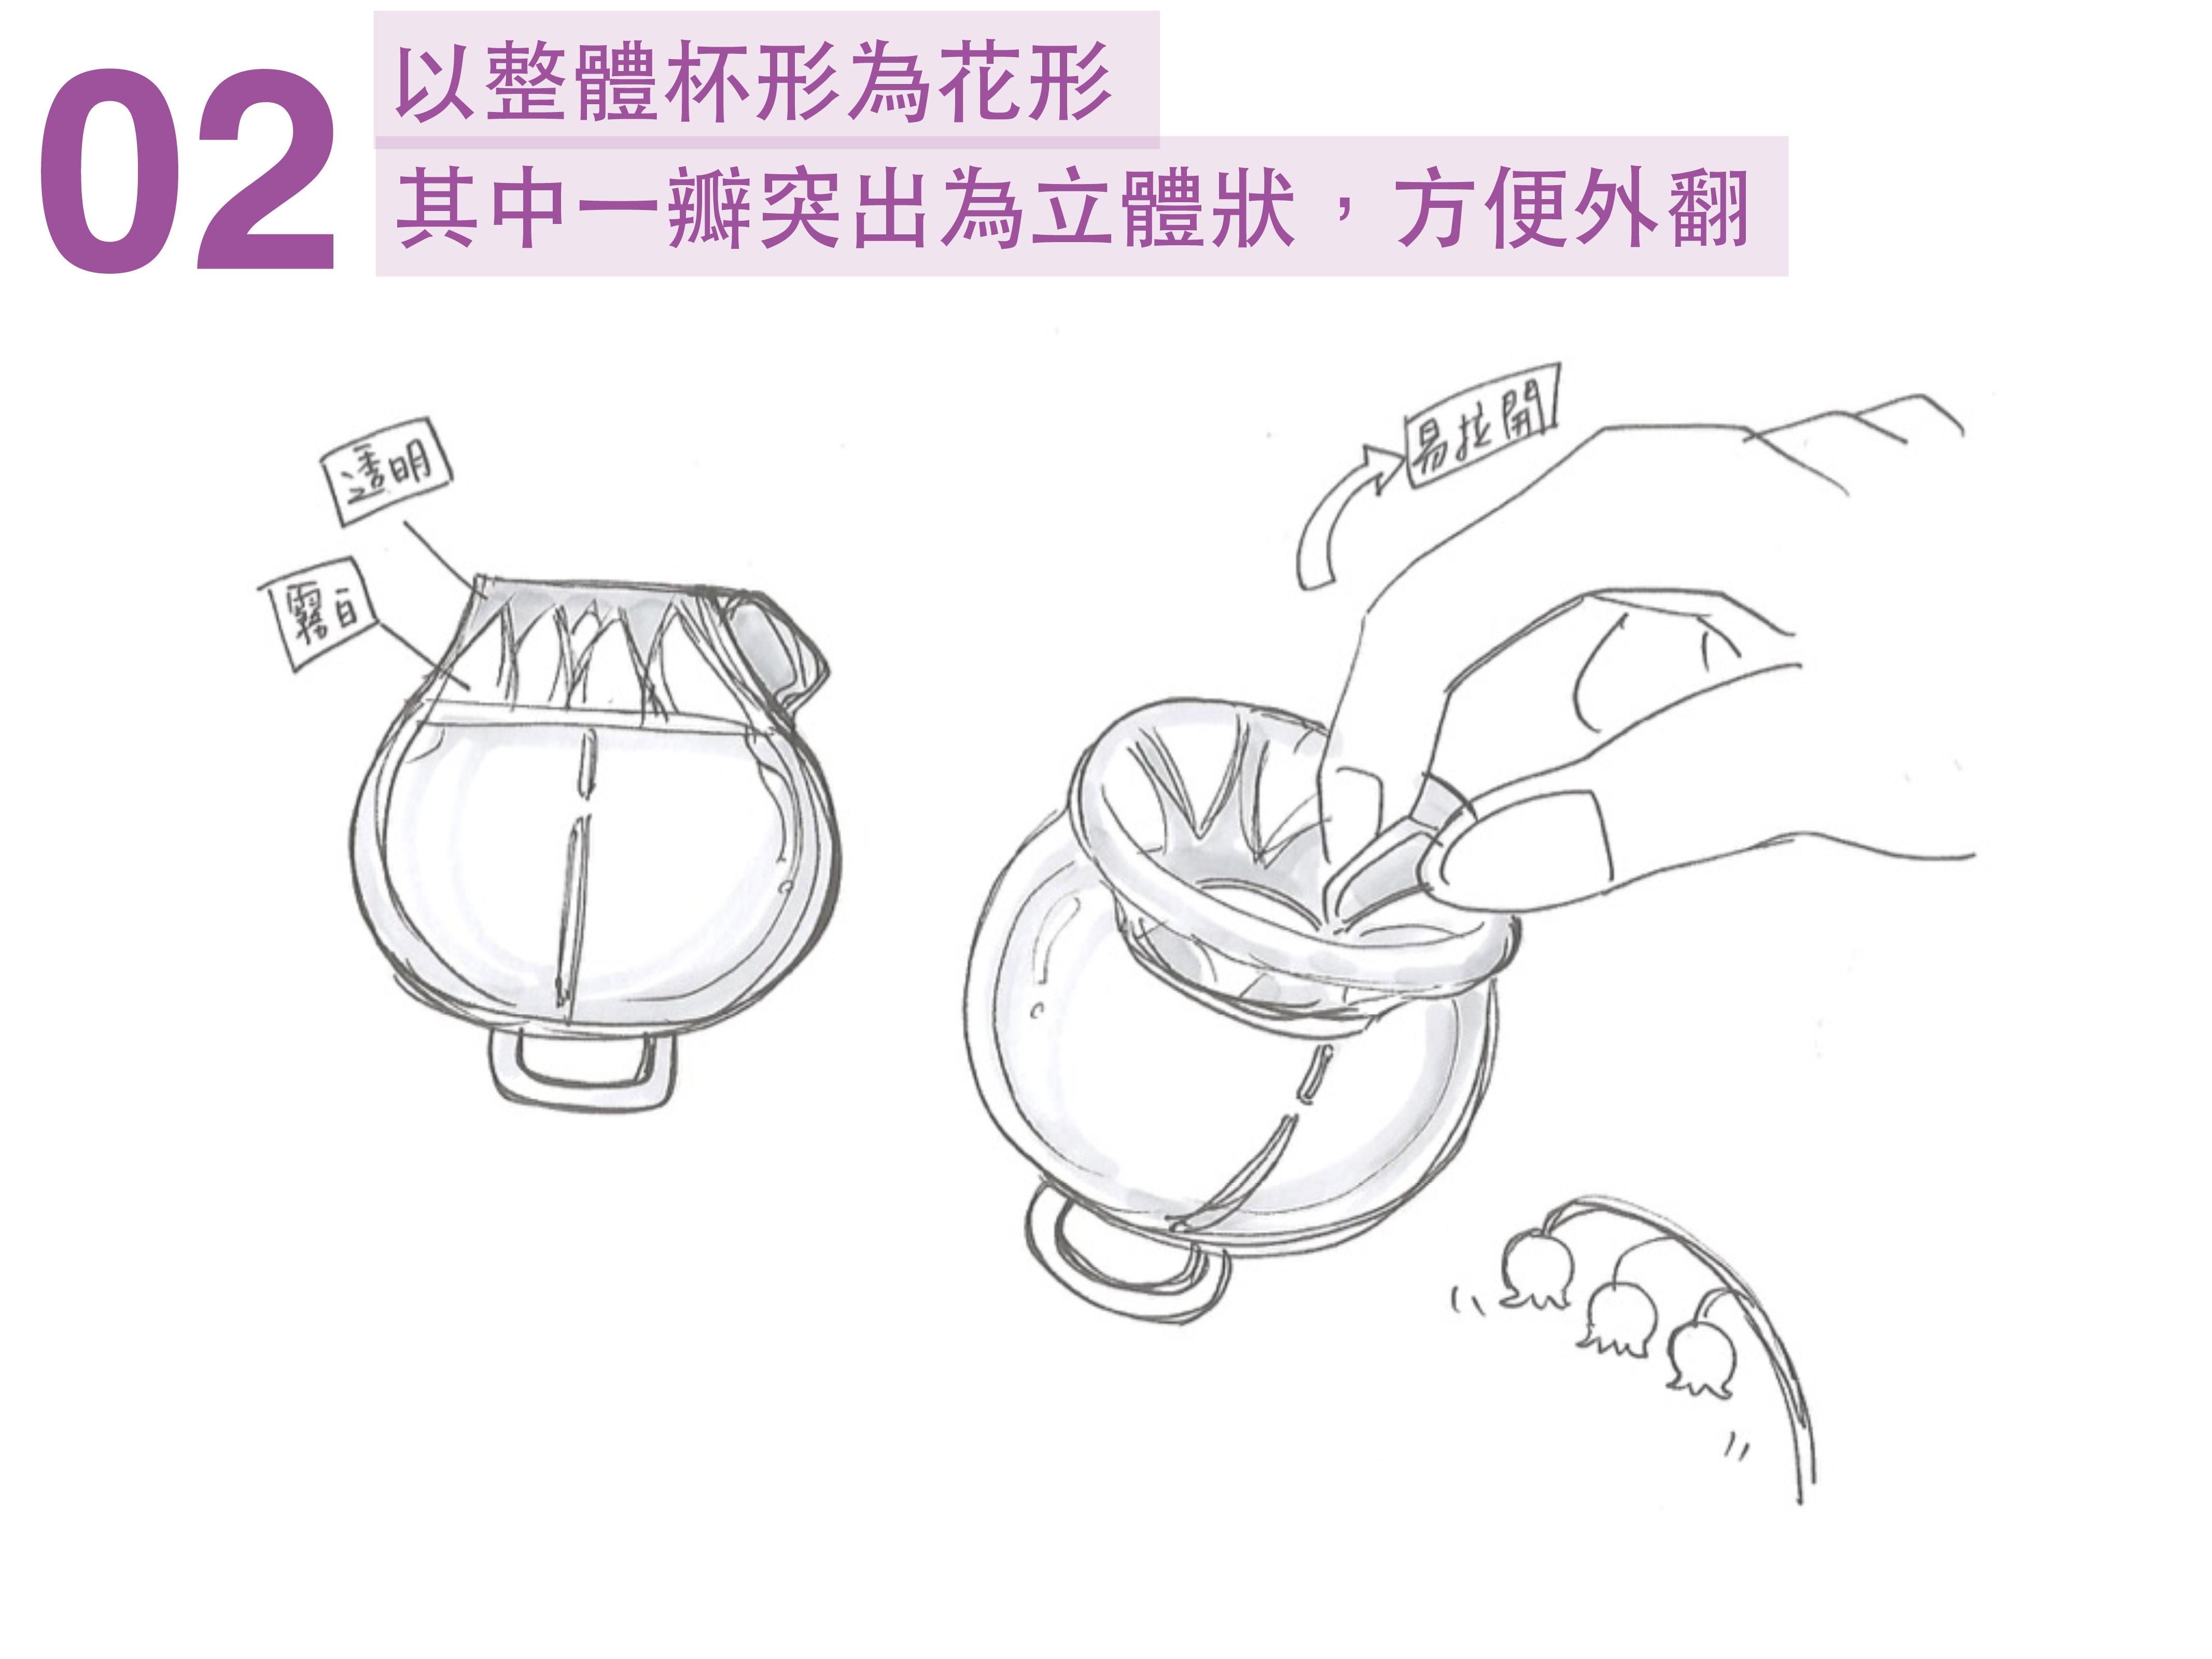 設計師狂想八部曲之一,可掀折月亮杯 (沒採用XD)